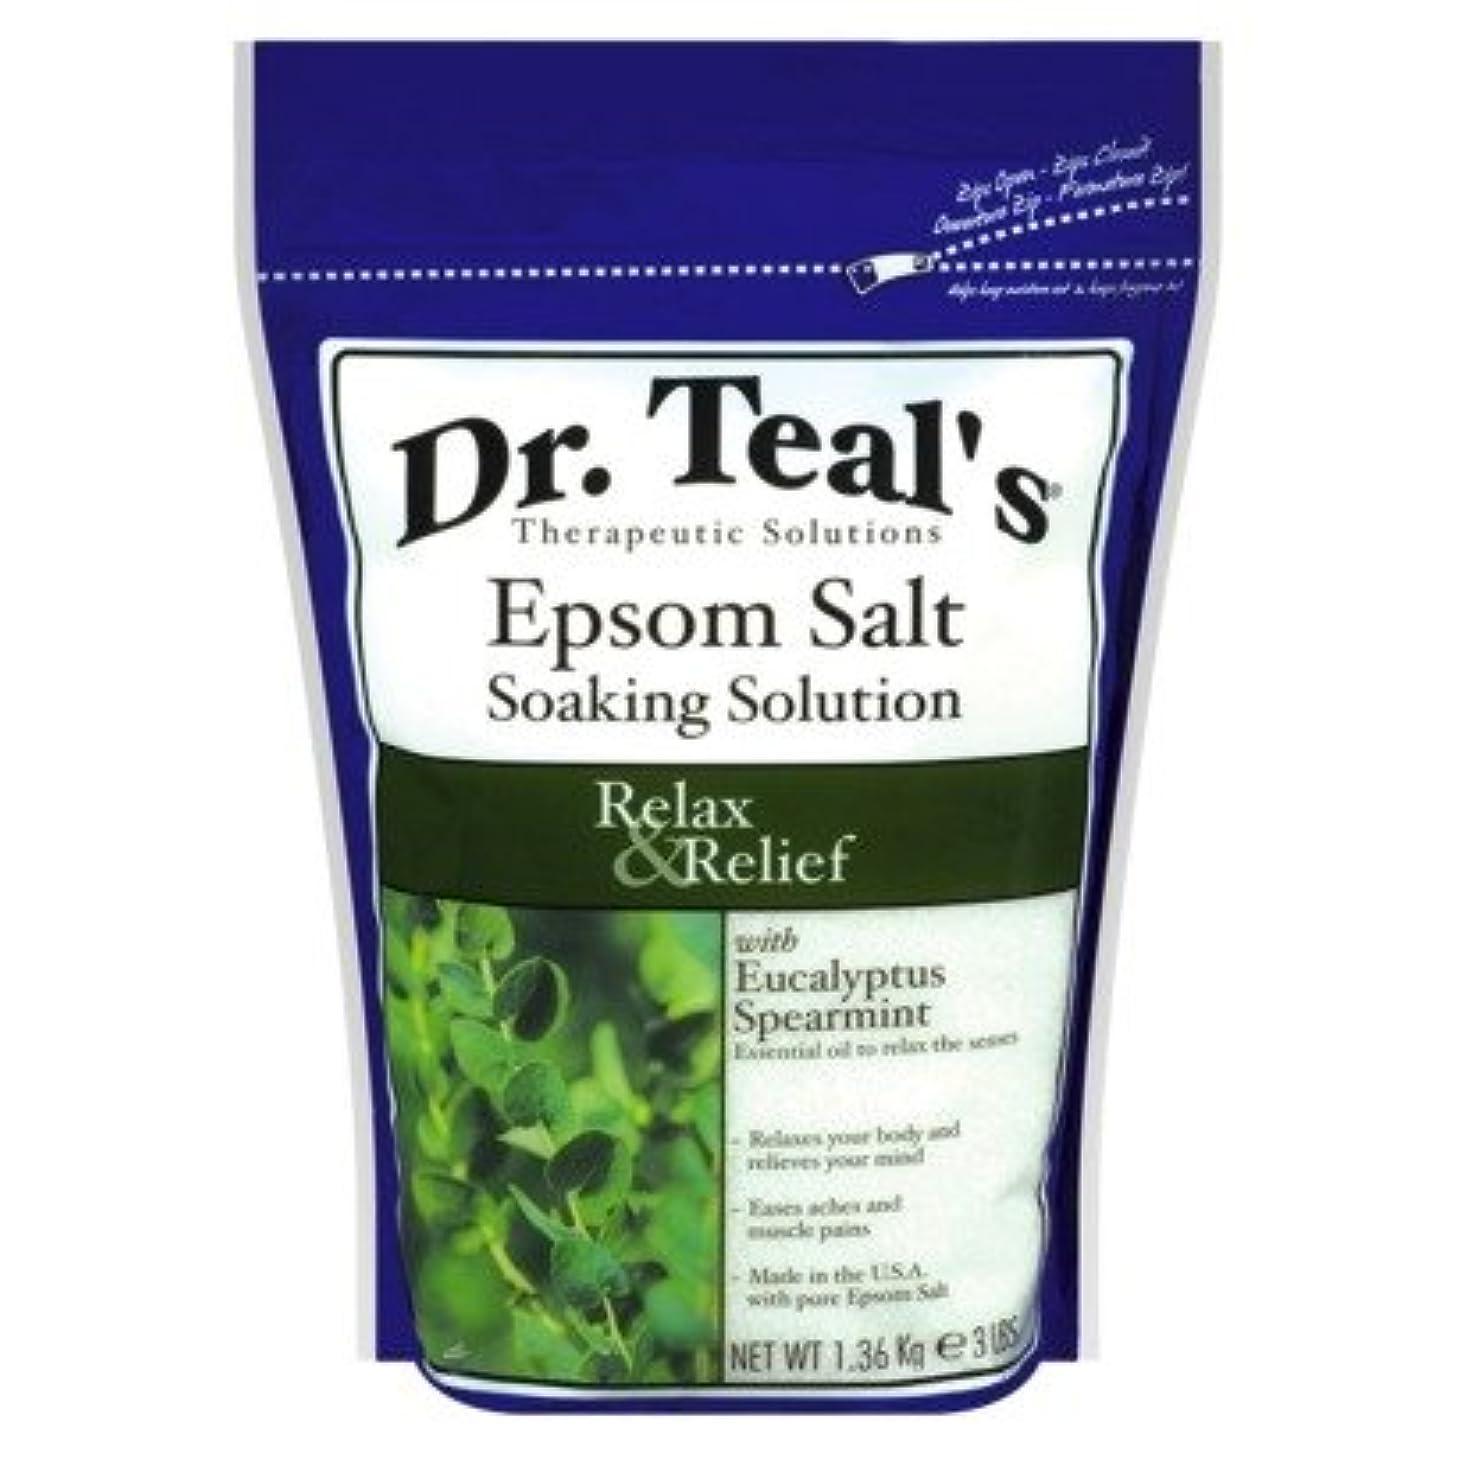 攻撃間スプーン【海外直送】リラックス効果 Dr. Teal's Relax Epsom Salt Eucalyptus Spearmint Soaking Solution ユーカリ&スペアミント 1.36kg